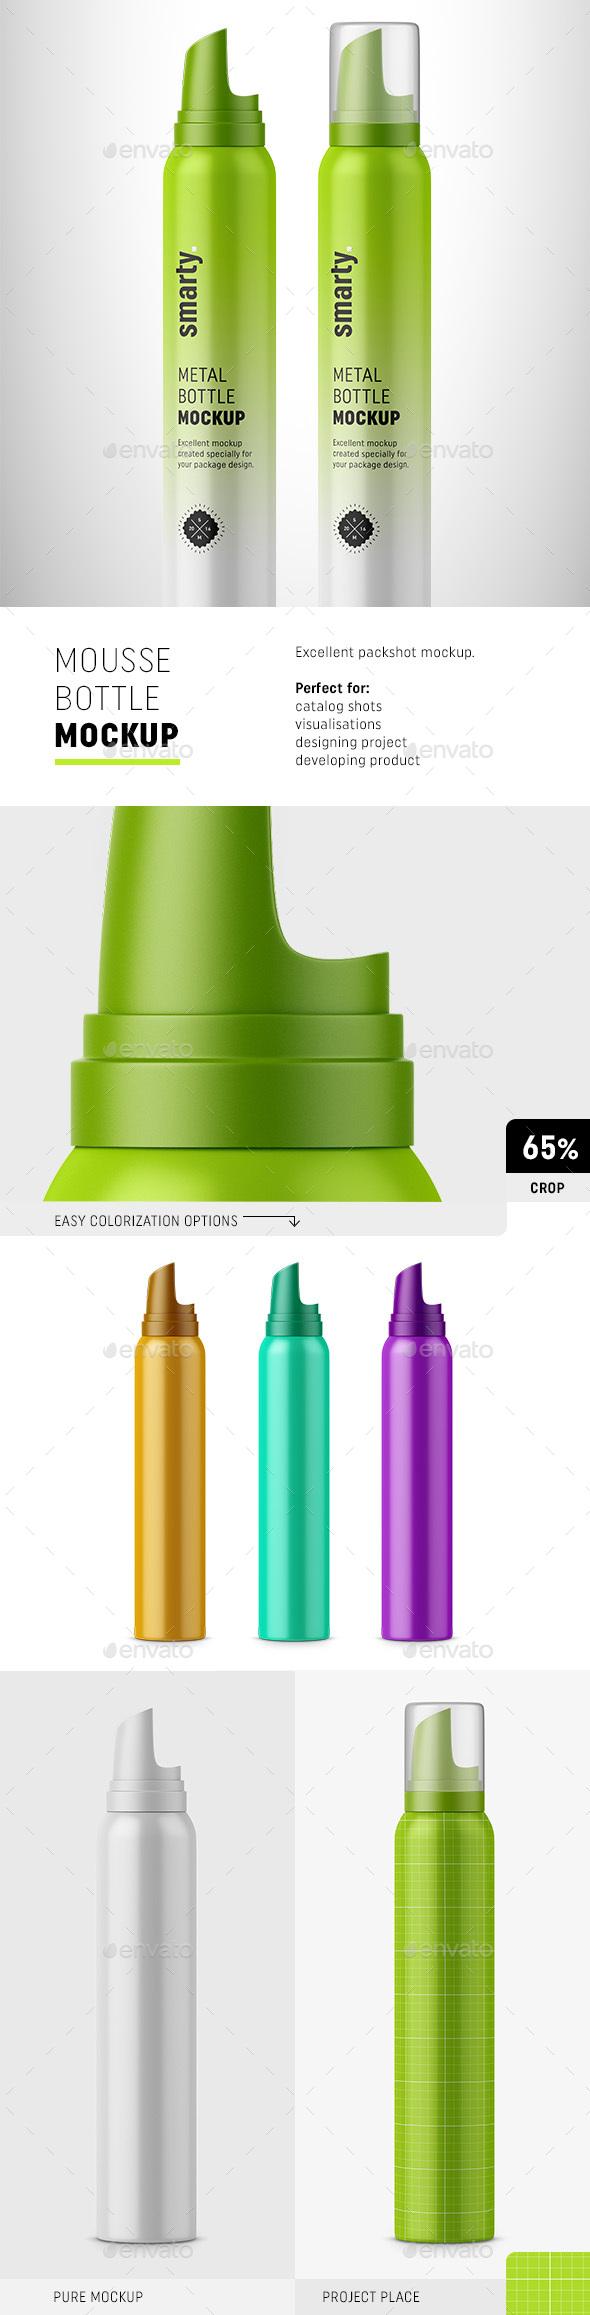 Mousse Bottle Mockup - Beauty Packaging